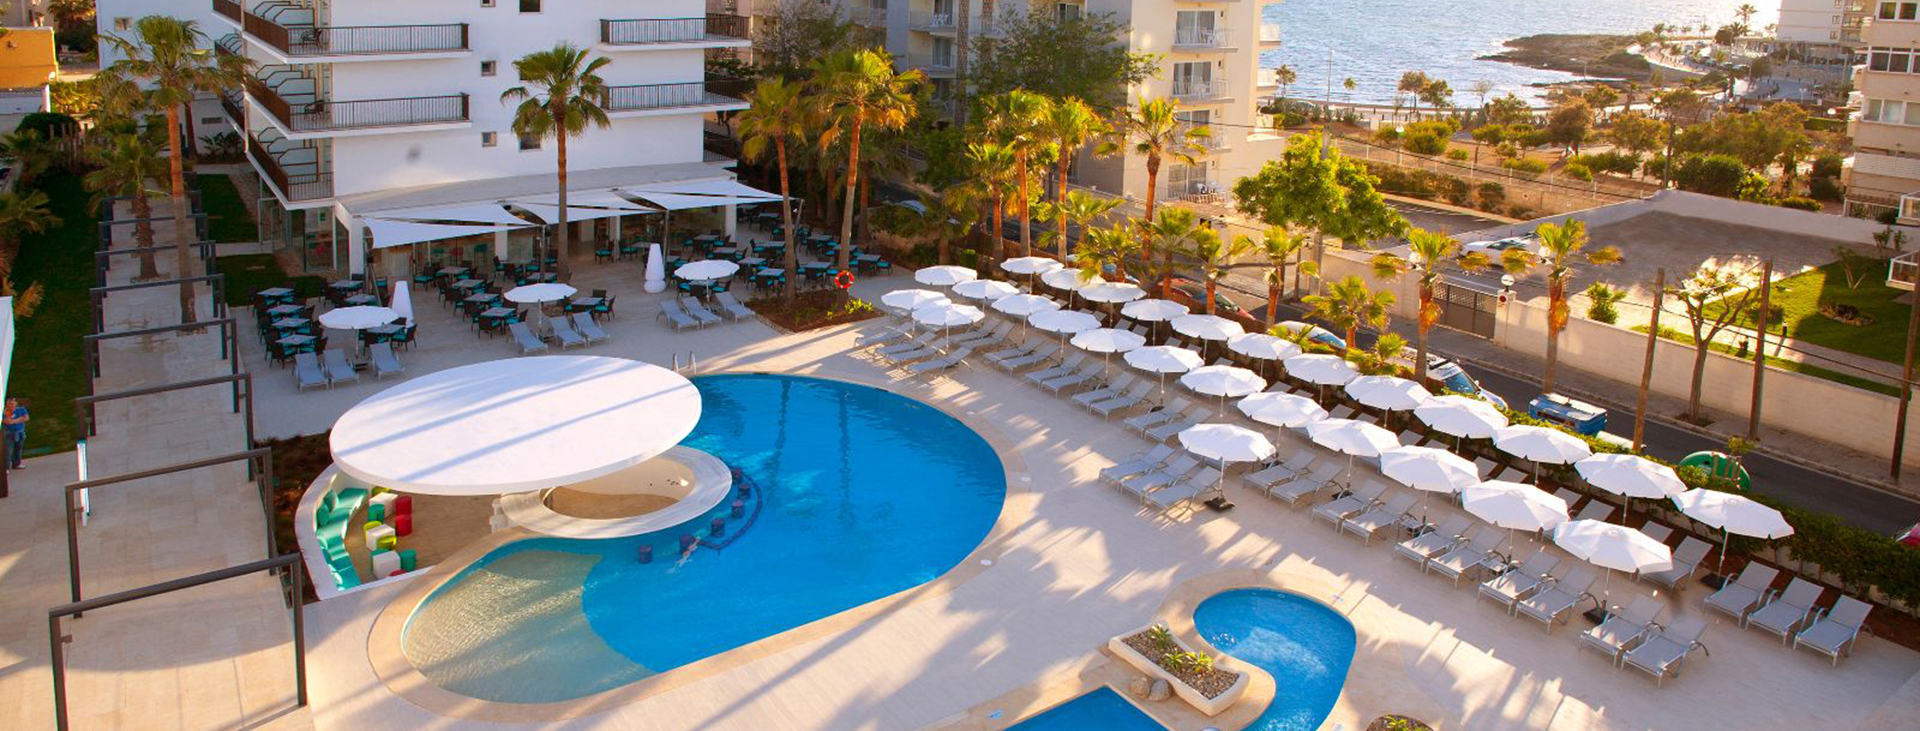 JS Palma Stay, Playa de Palma, Mallorca, Spanien